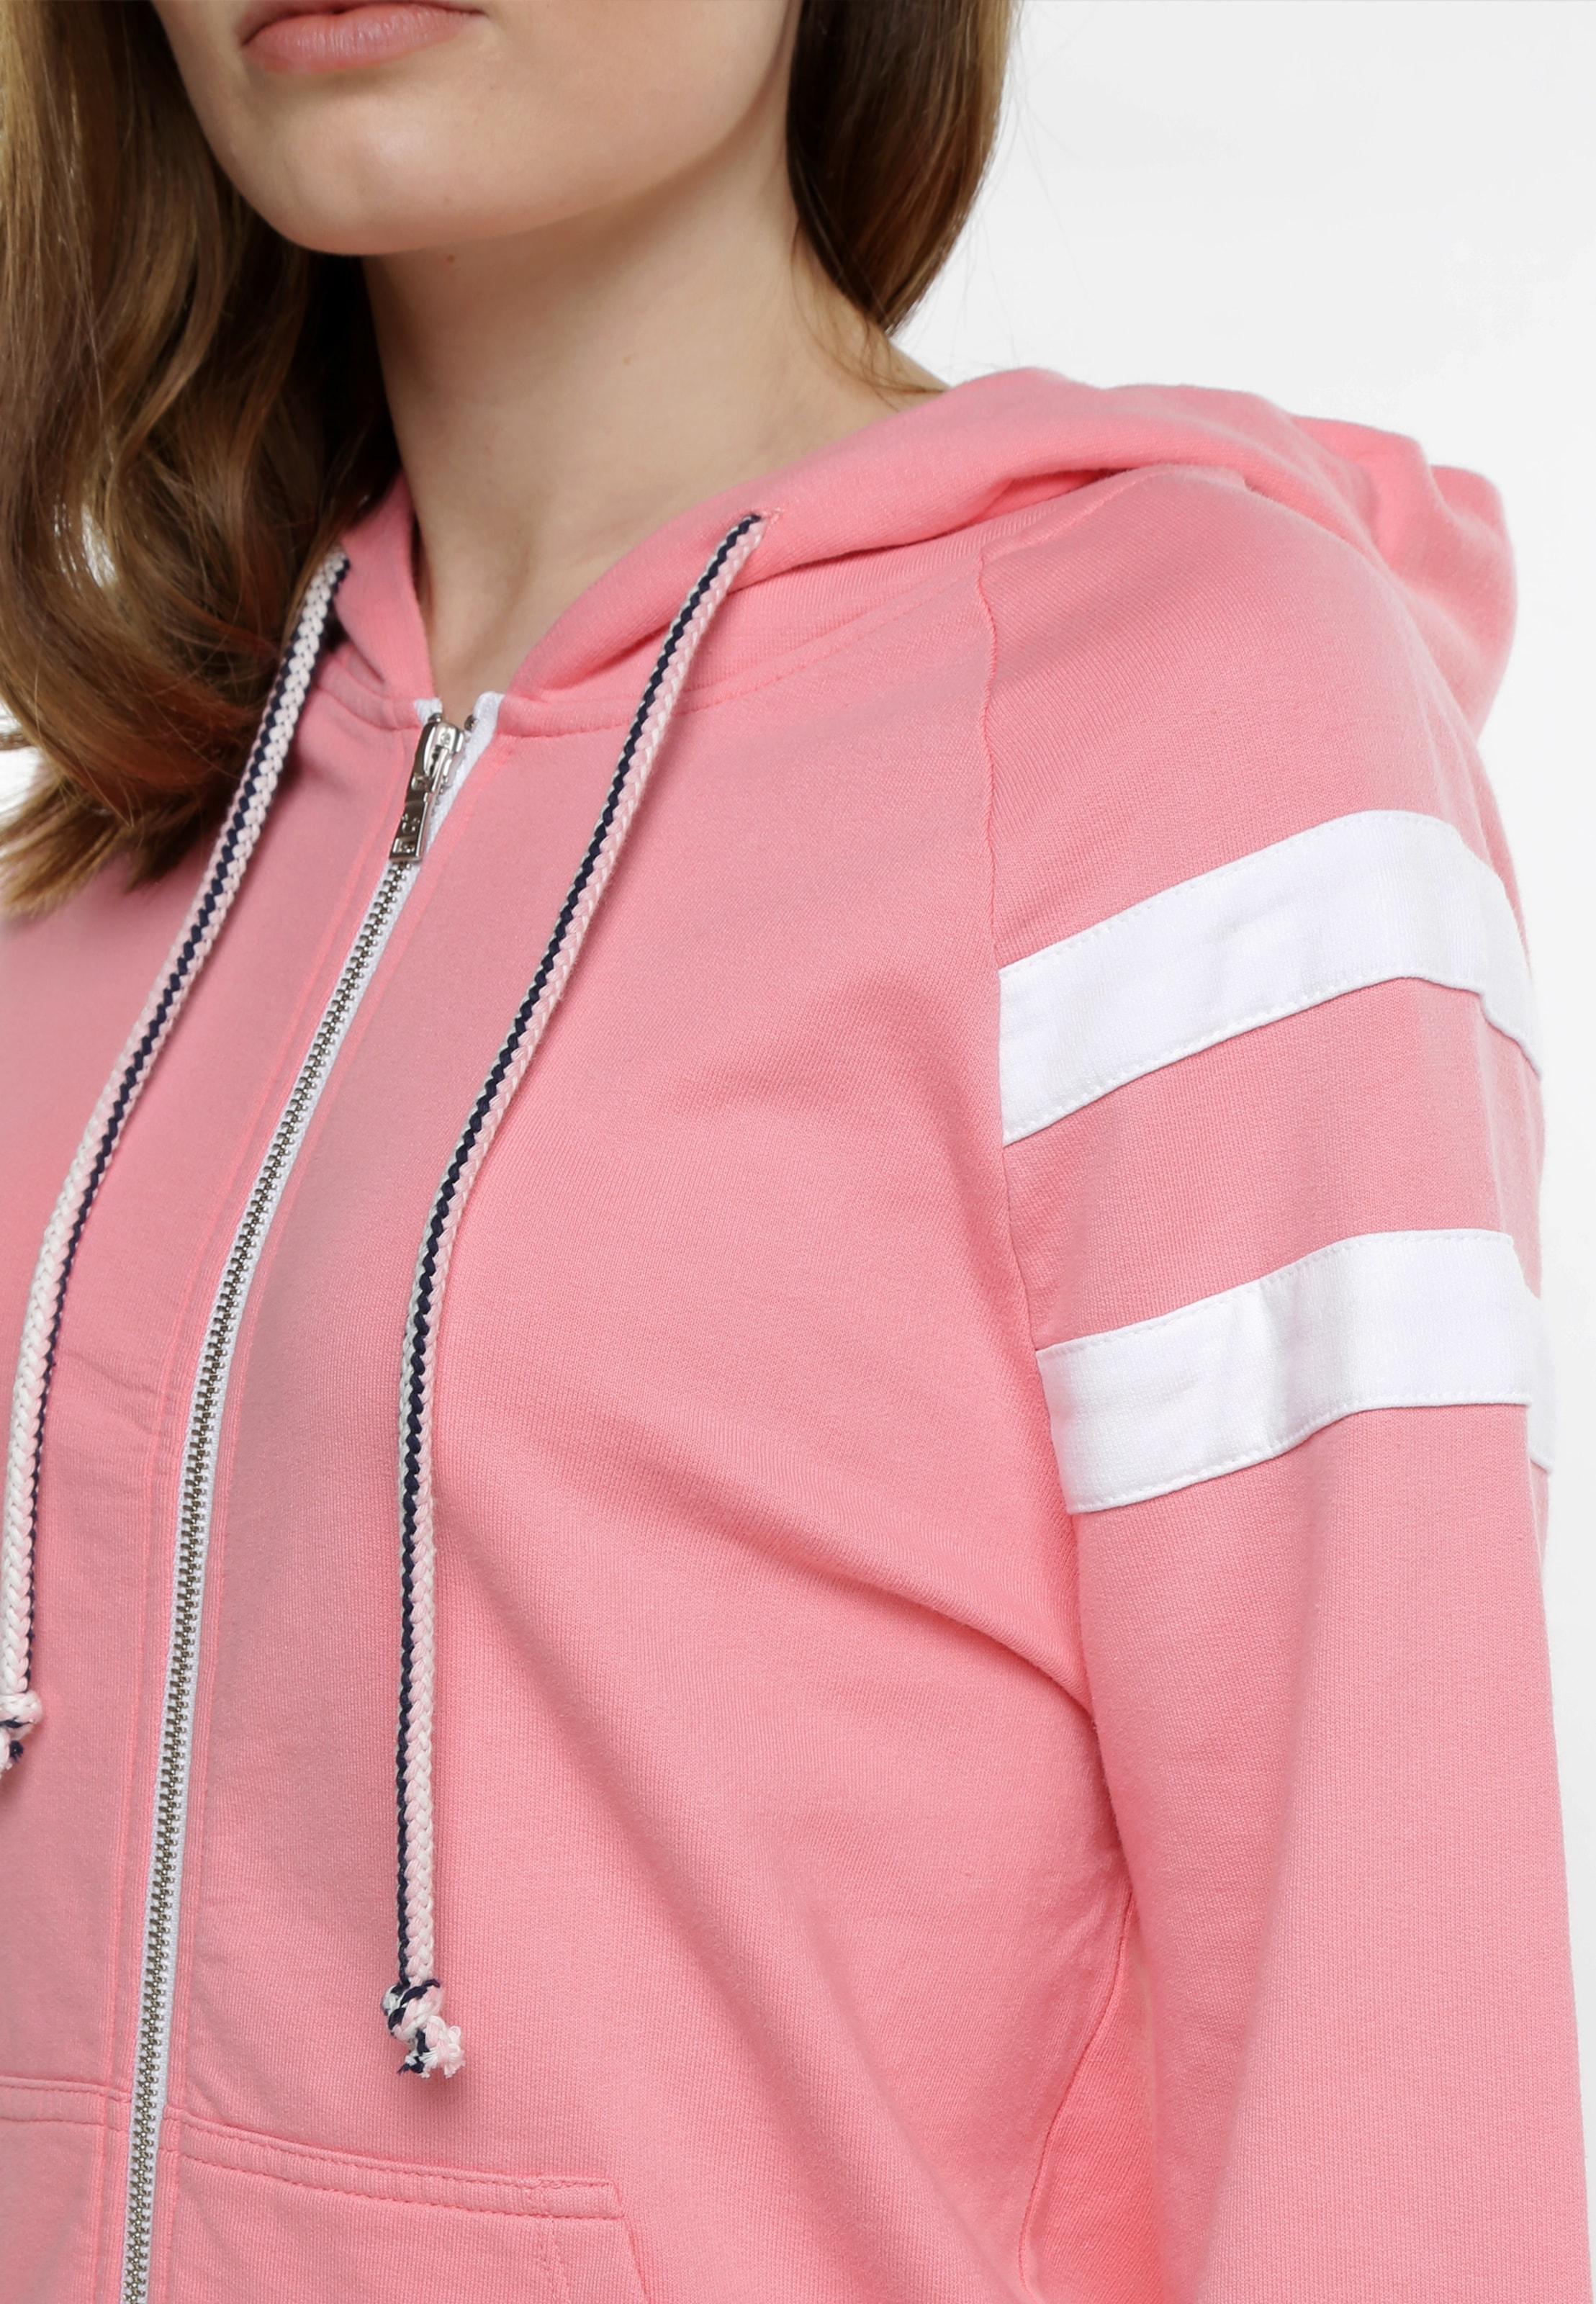 PinkWeiß In The Sweatshirt 'gilly Gwynedds Sweat' v0Nnwm8